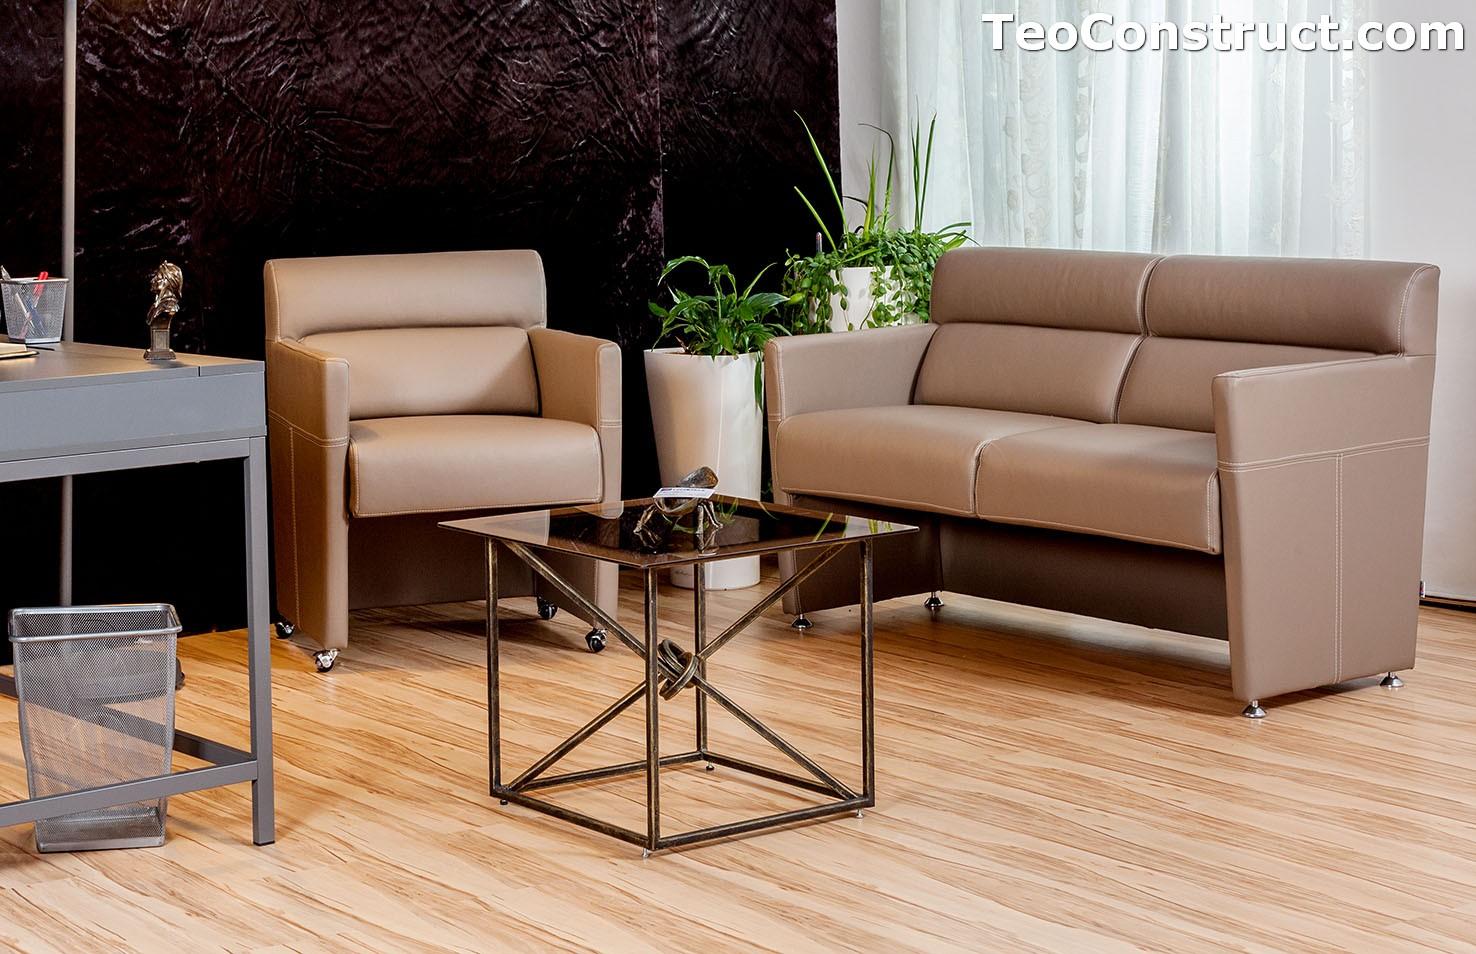 Canapea fixa Kimo pentru birou 1